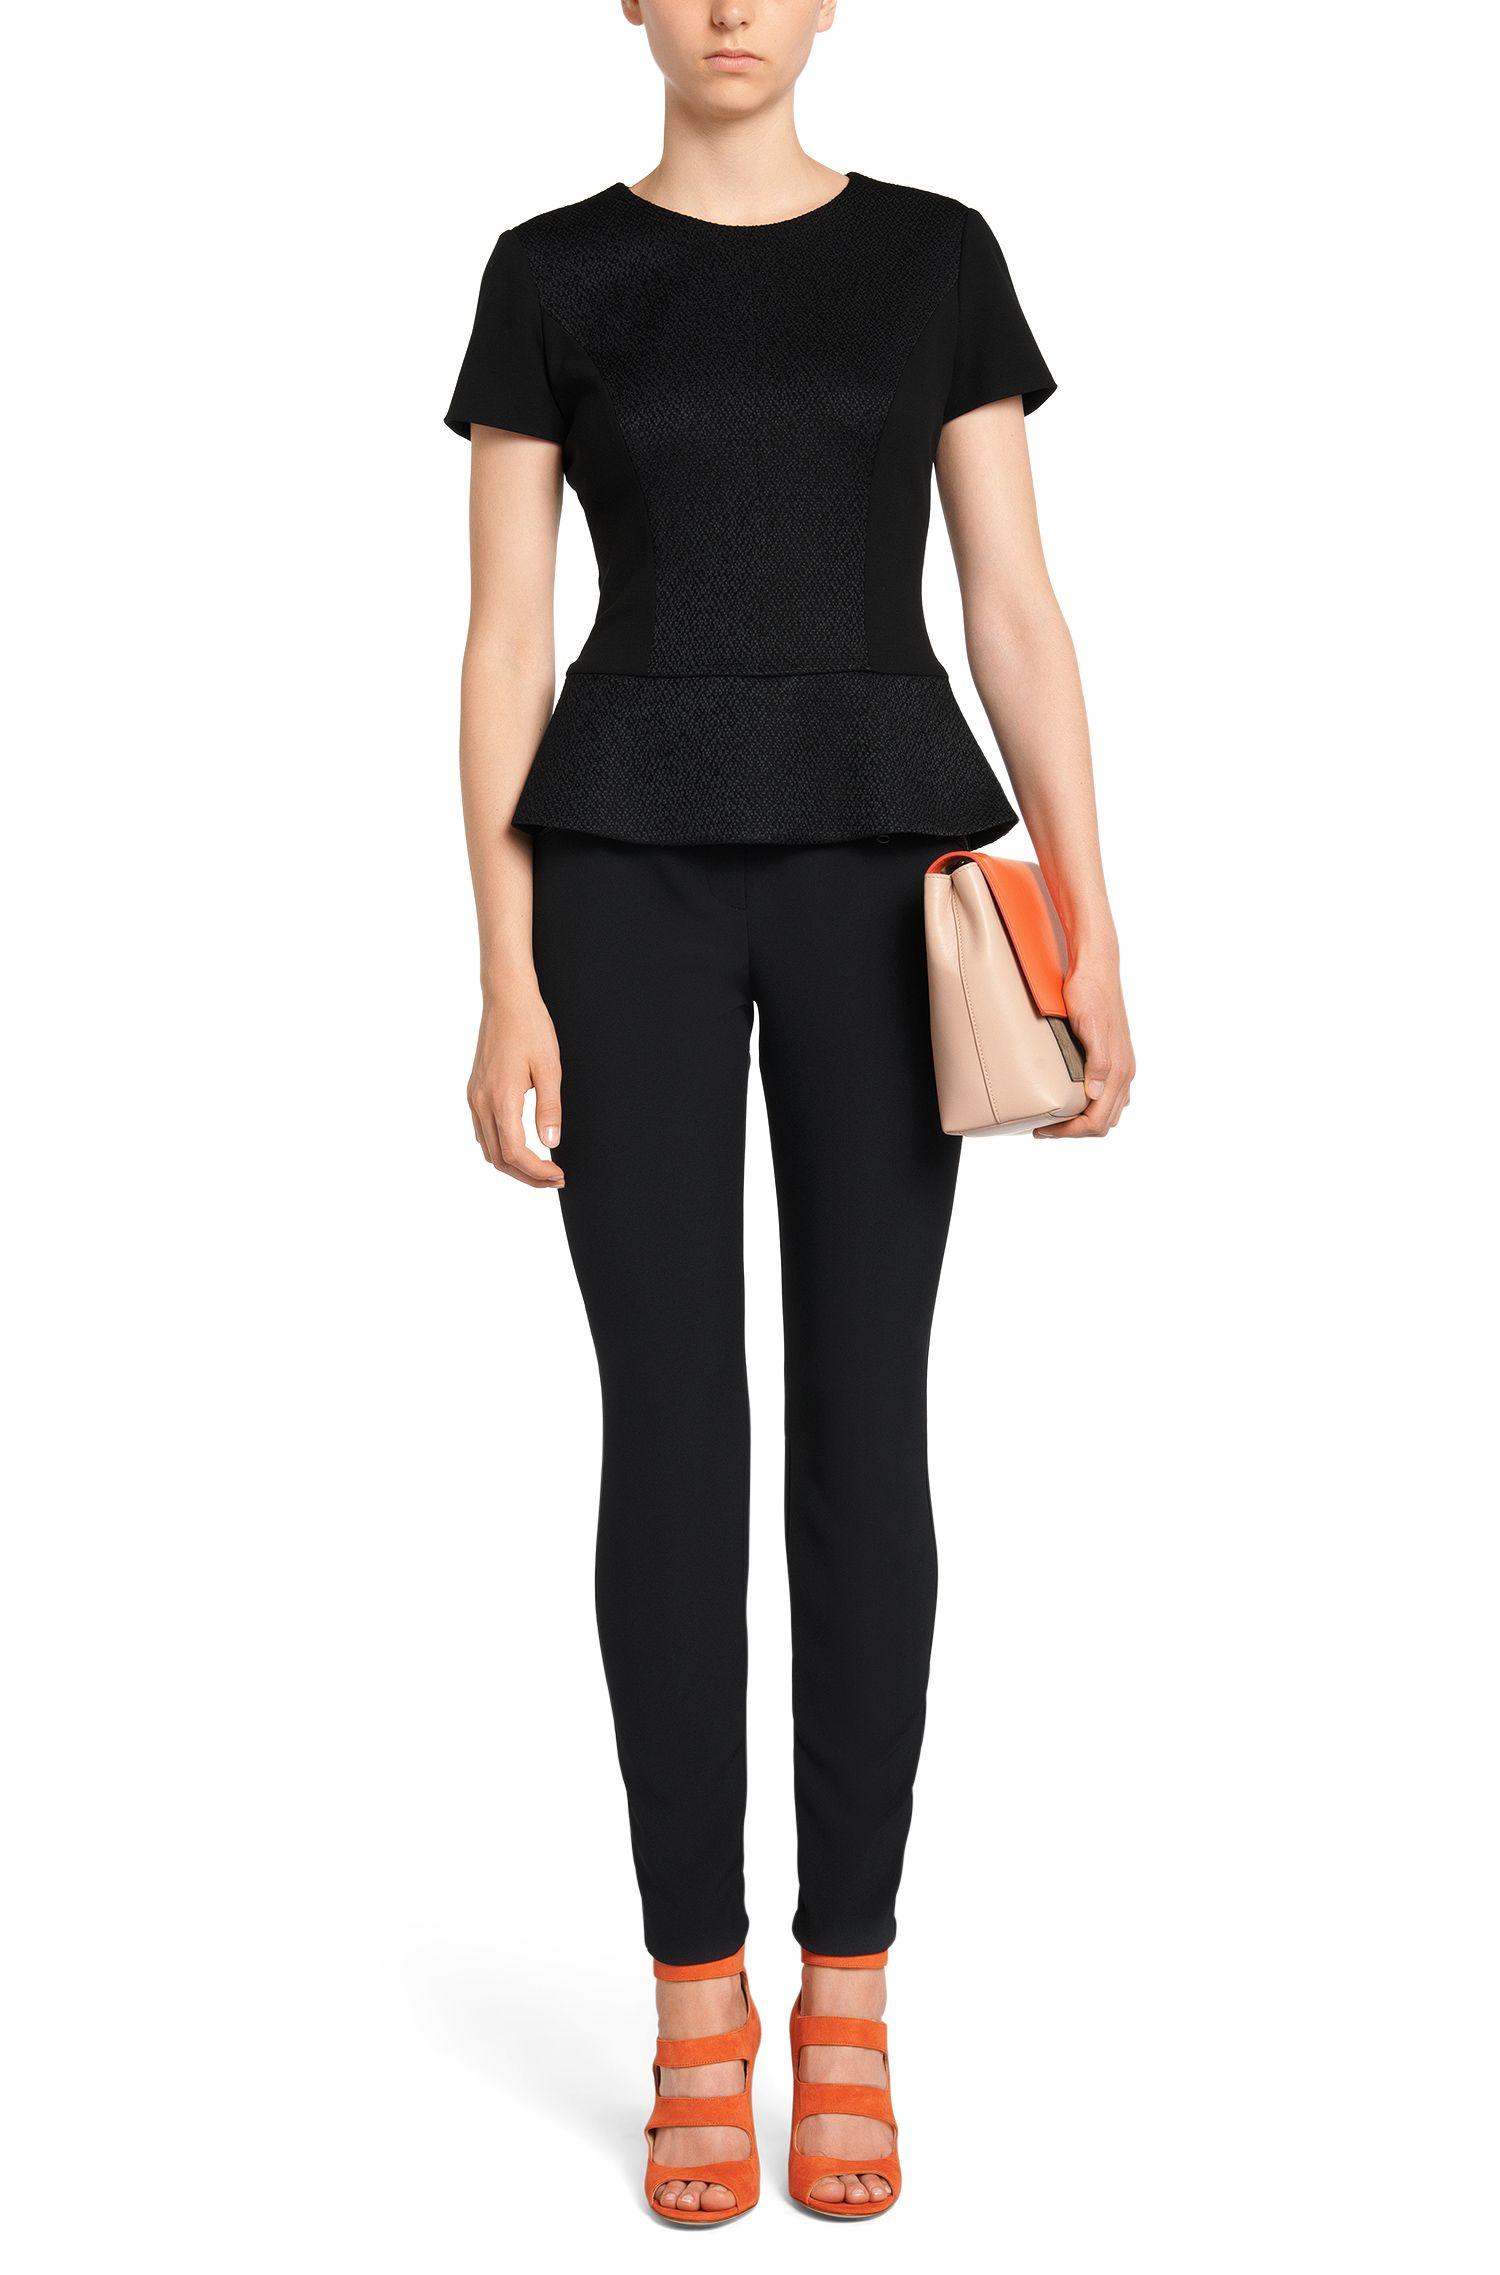 Low-Waisted Hose mit Reißverschlusstaschen: 'Hedine'